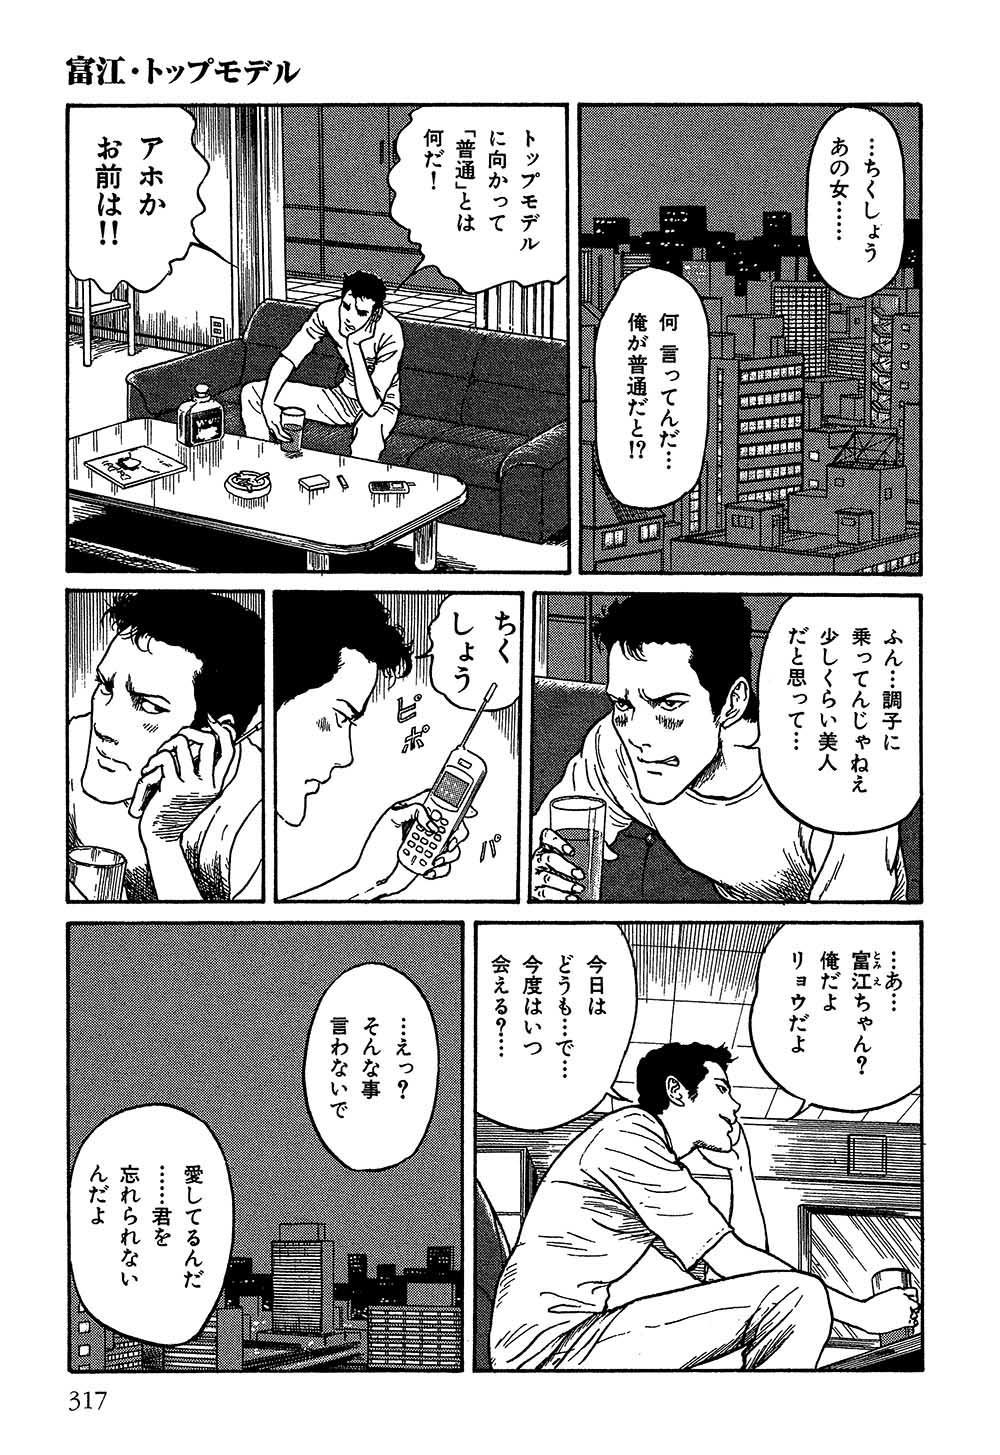 itouj_0002_0319.jpg